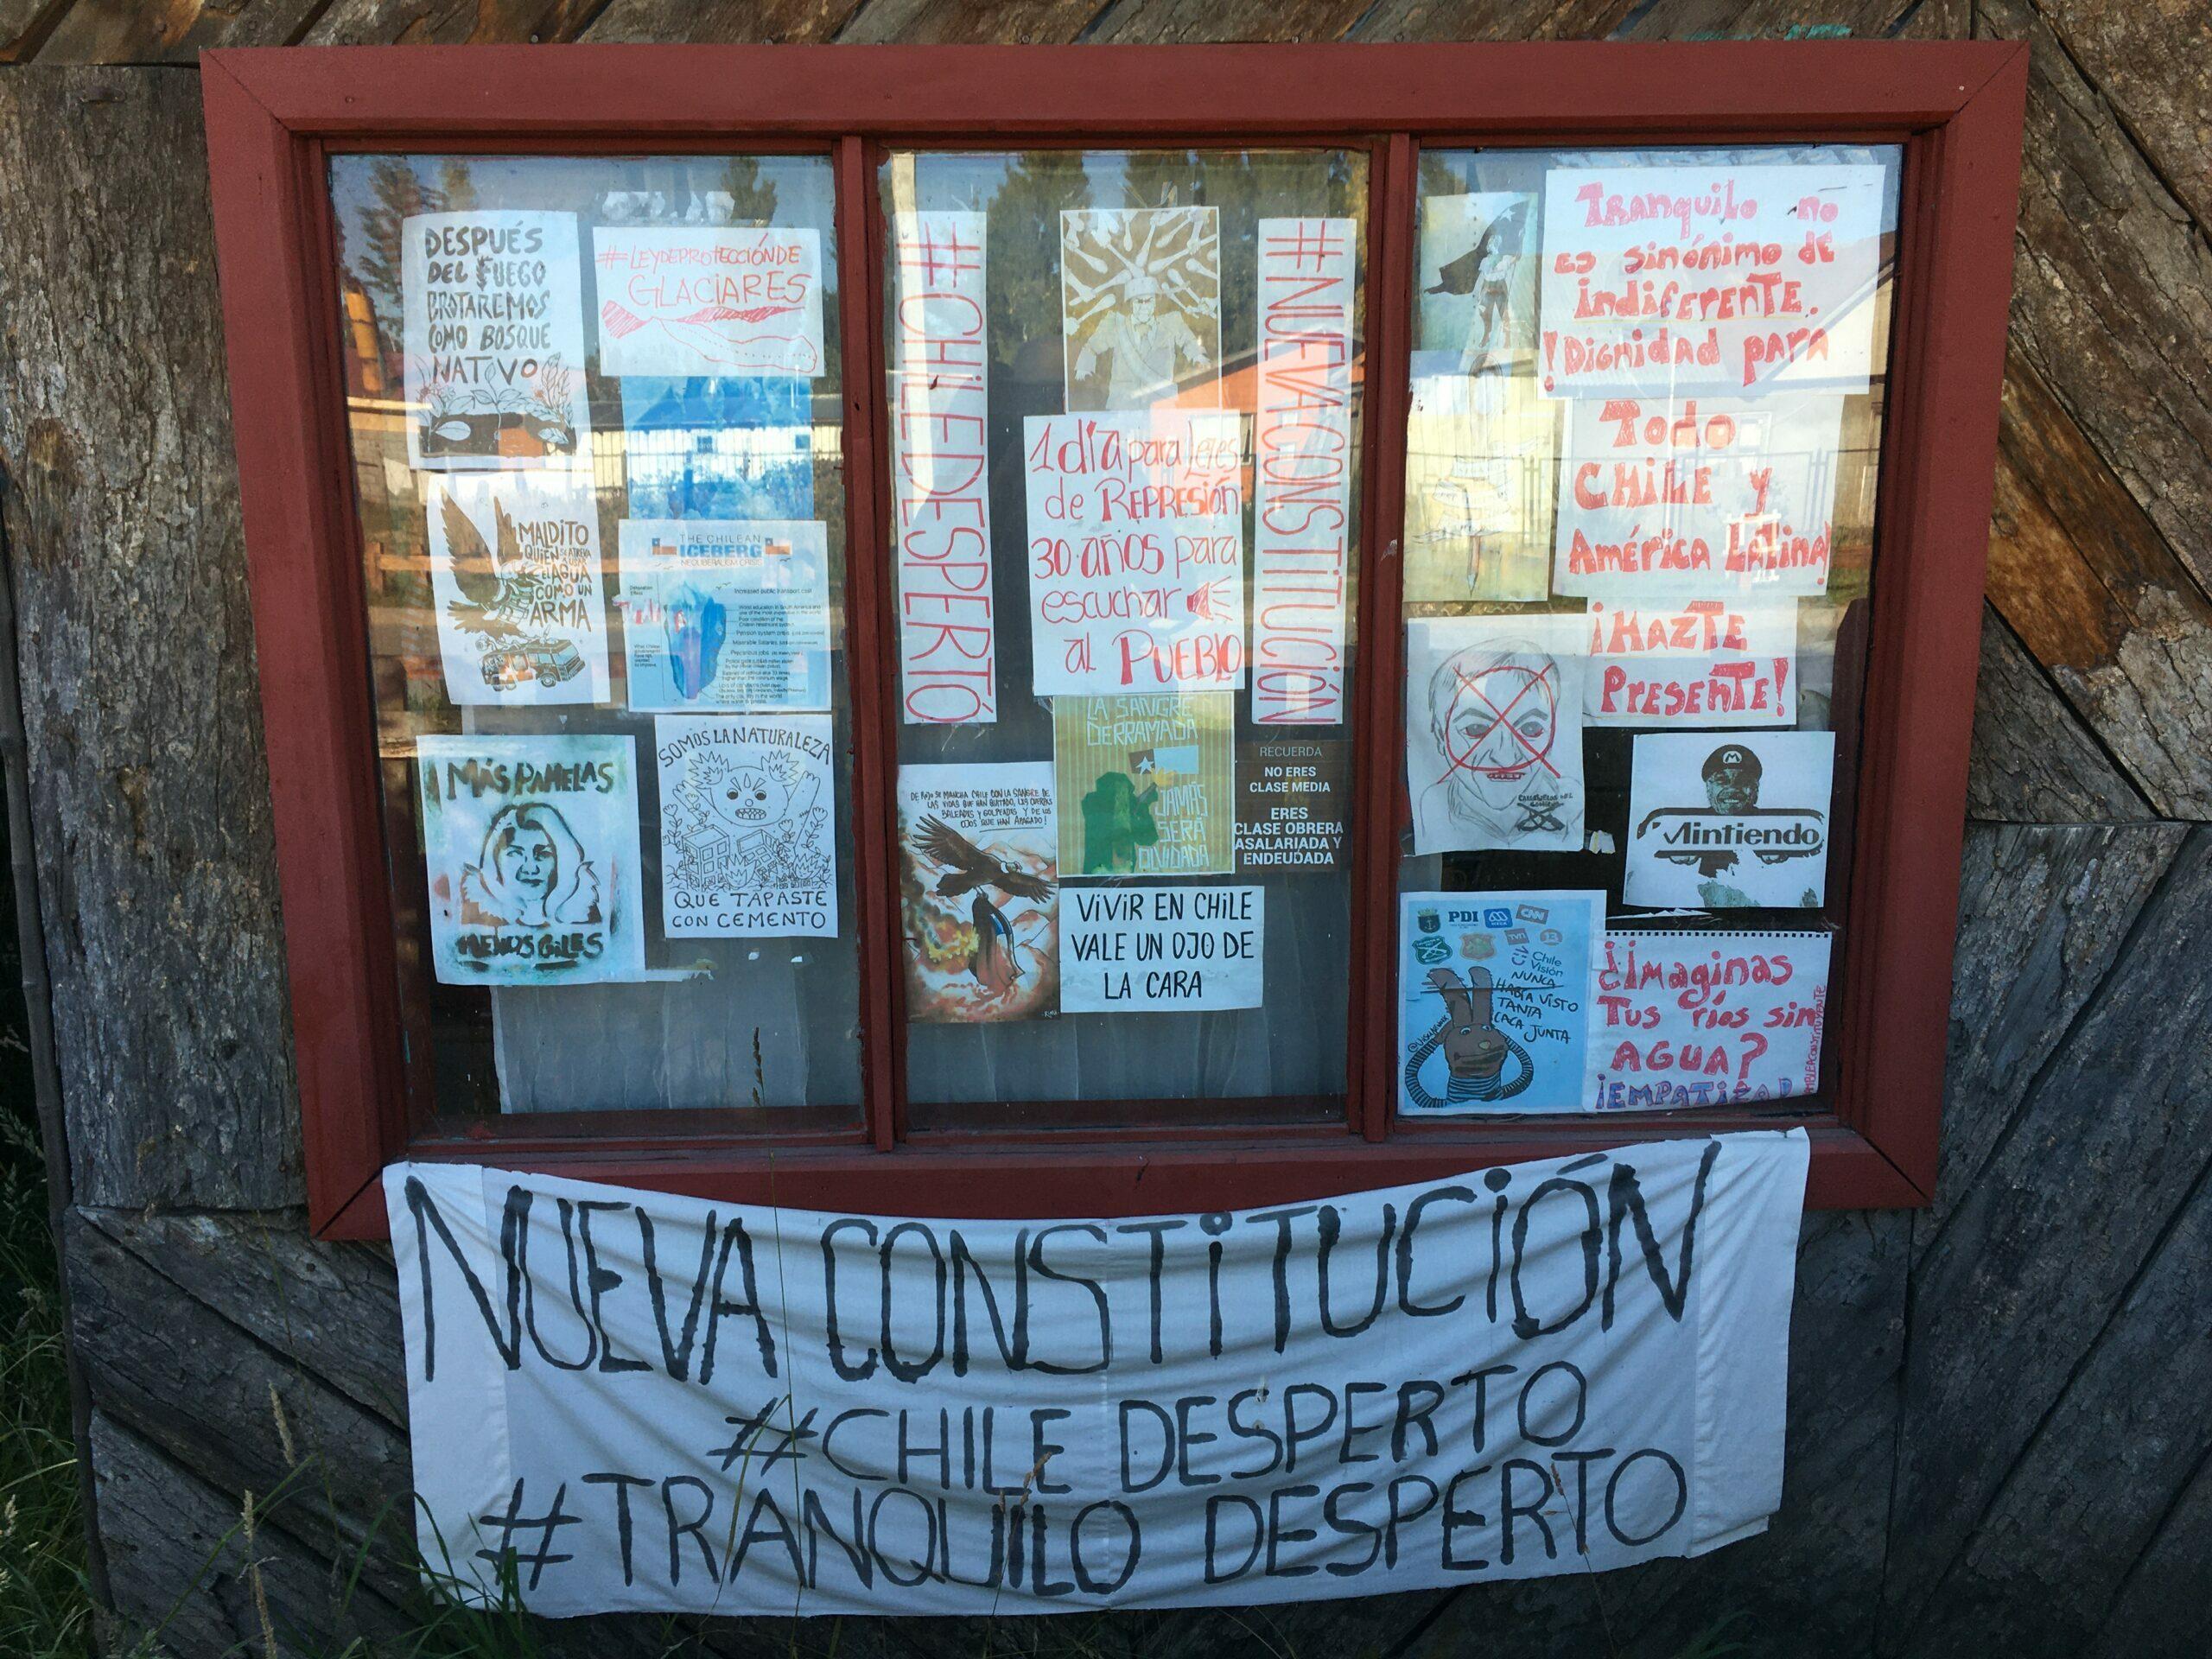 Frontis hogar en la región de Aysén con panfletos alusivos a la revuelta de octubre de 2019